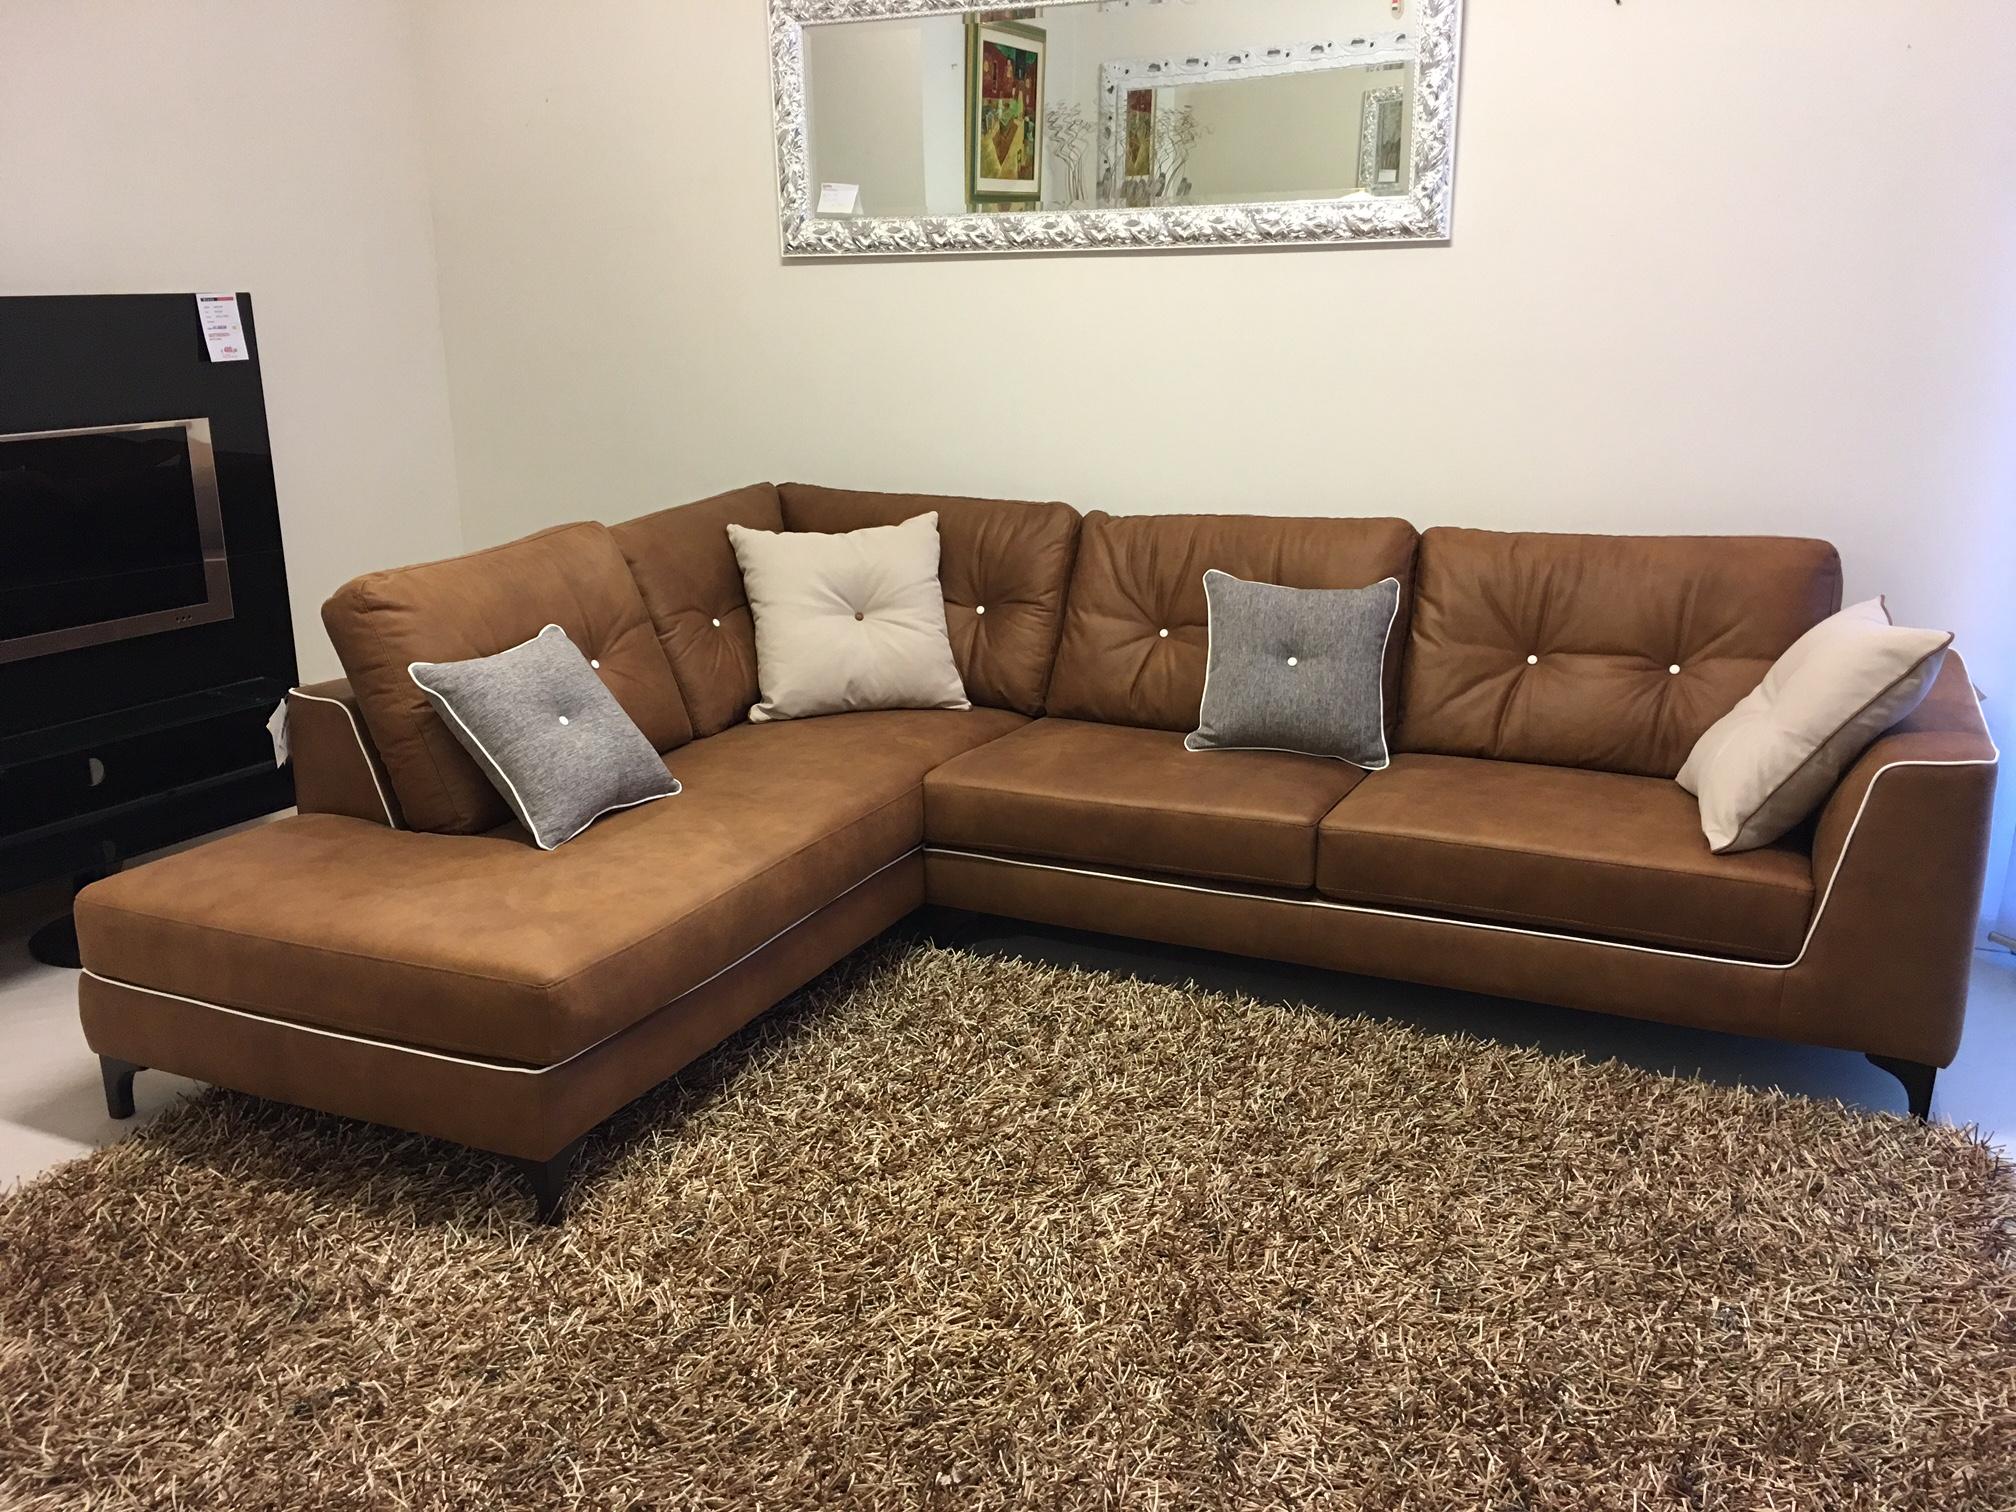 divano vintage steven lombardelli arredamenti